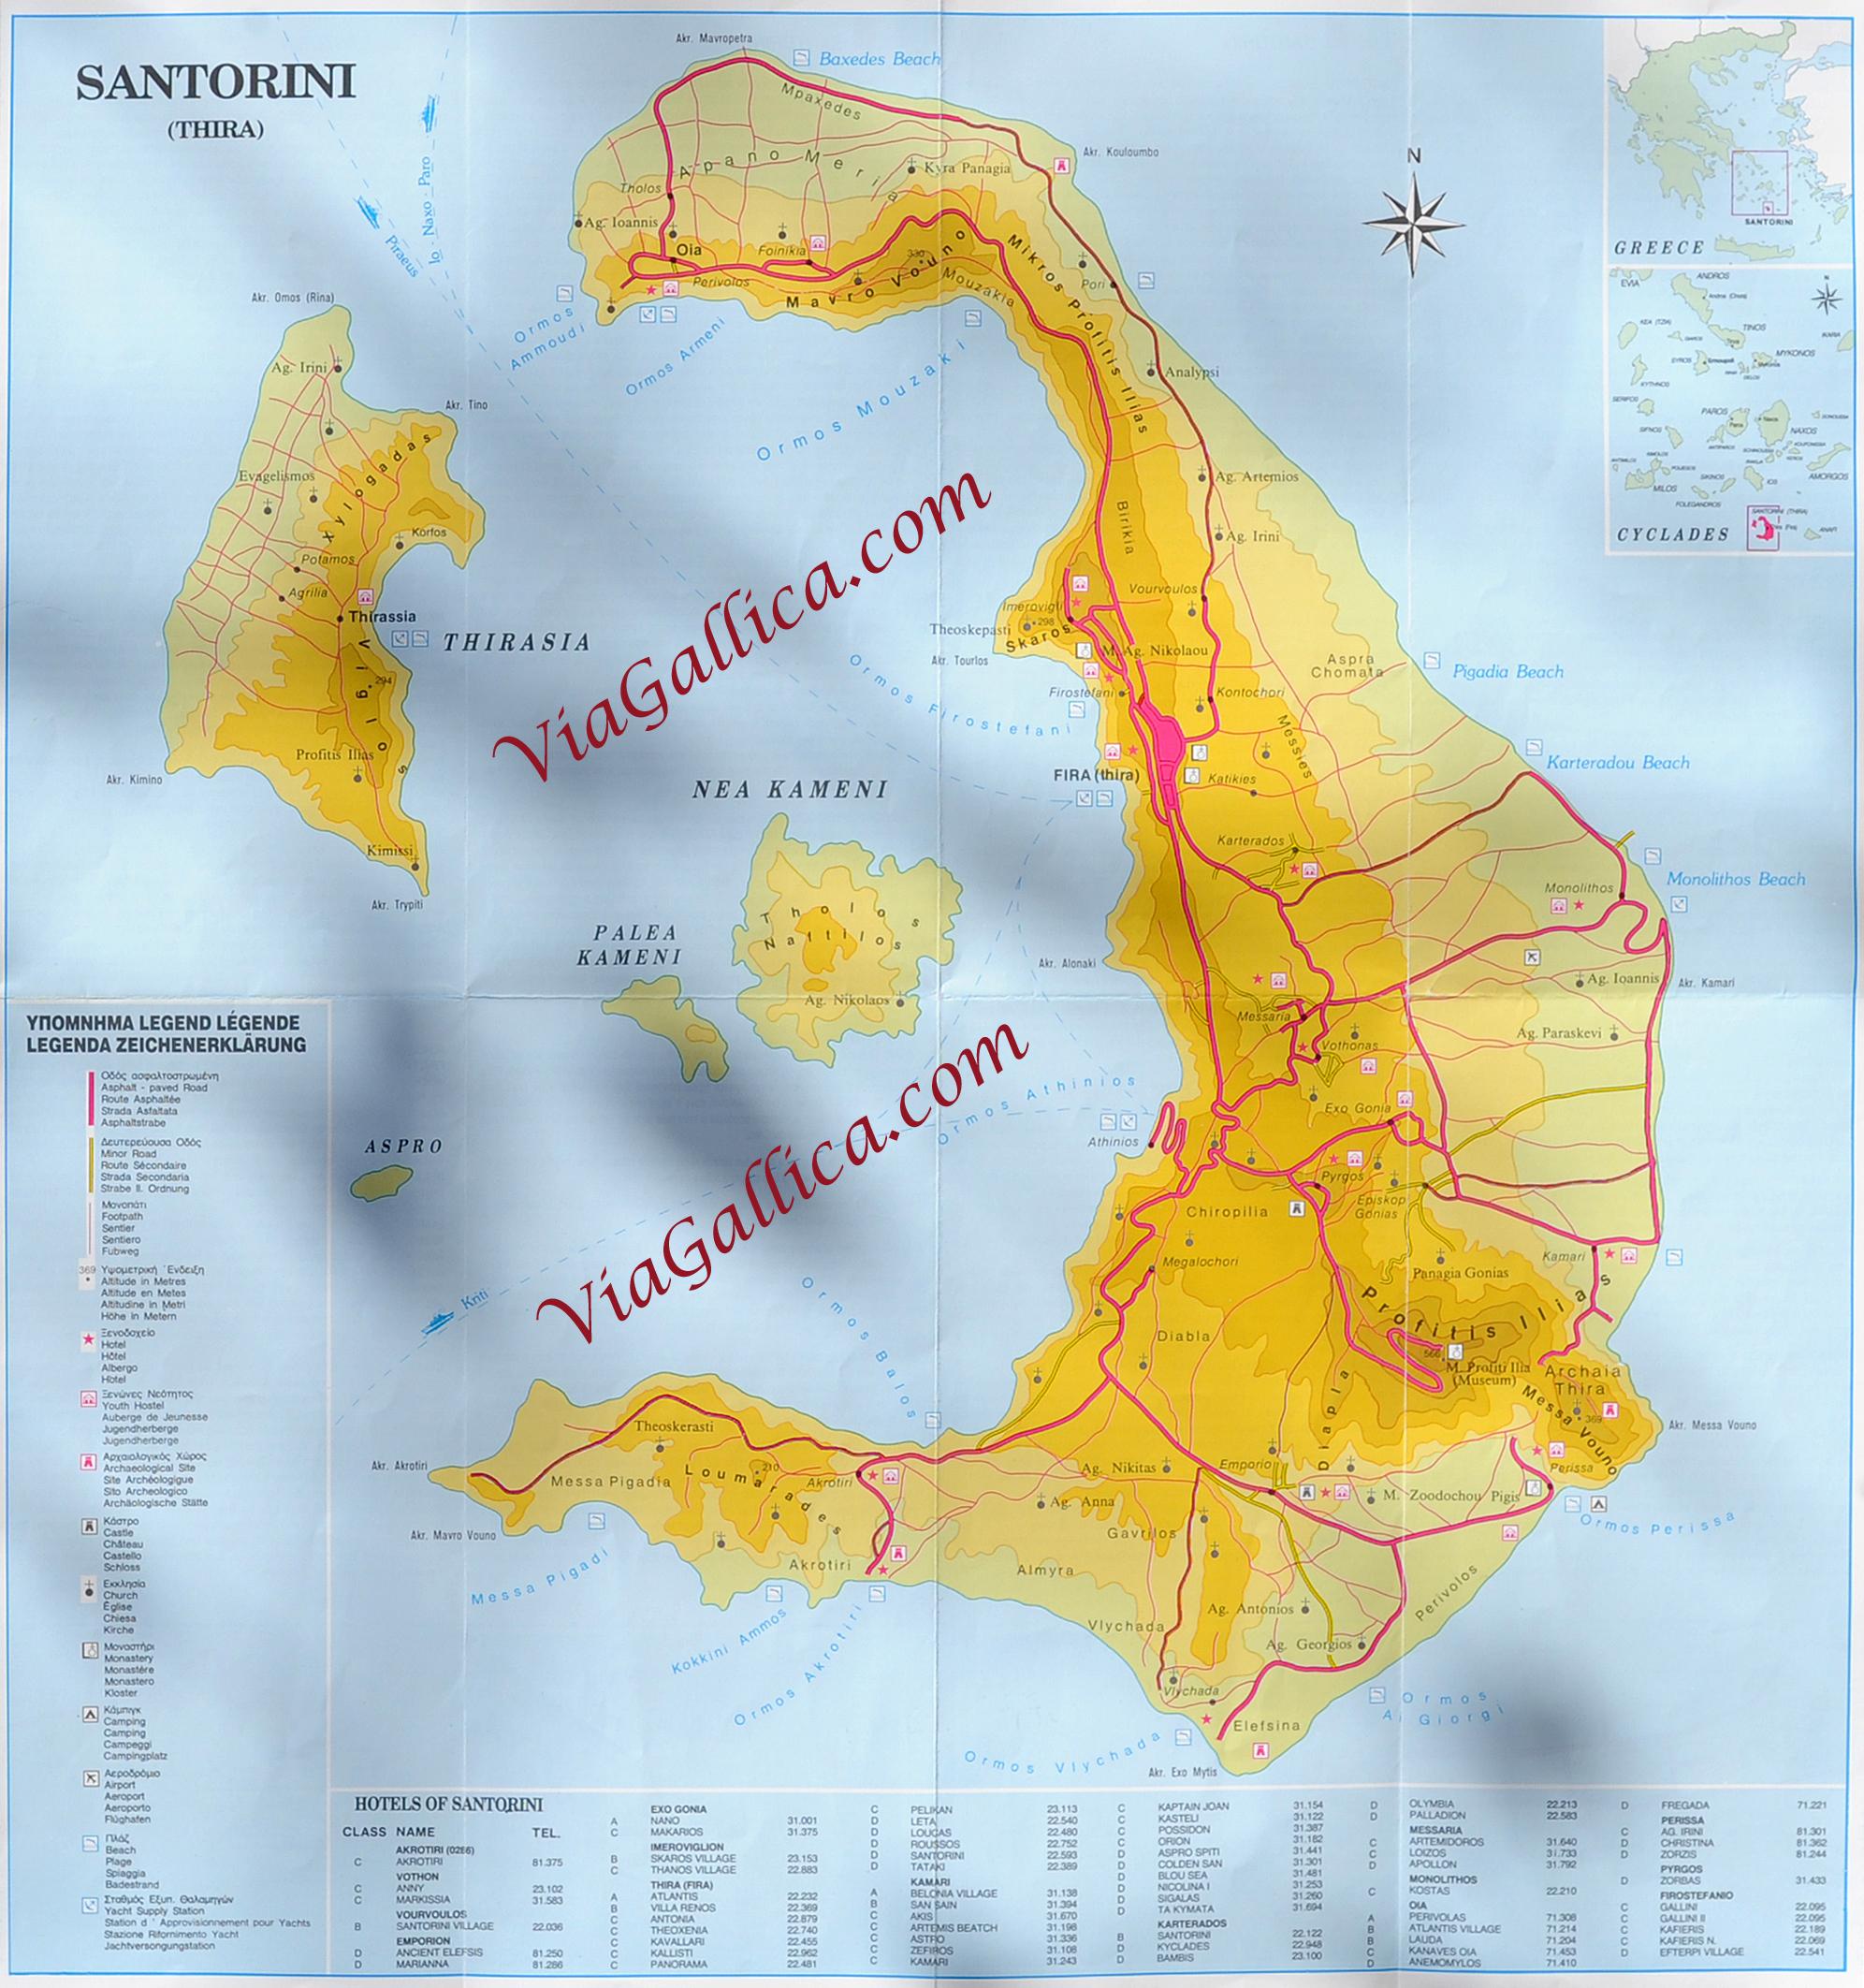 Carte Crete Cyclades.L Ile De Santorin Dans Les Cyclades En Mer Egee